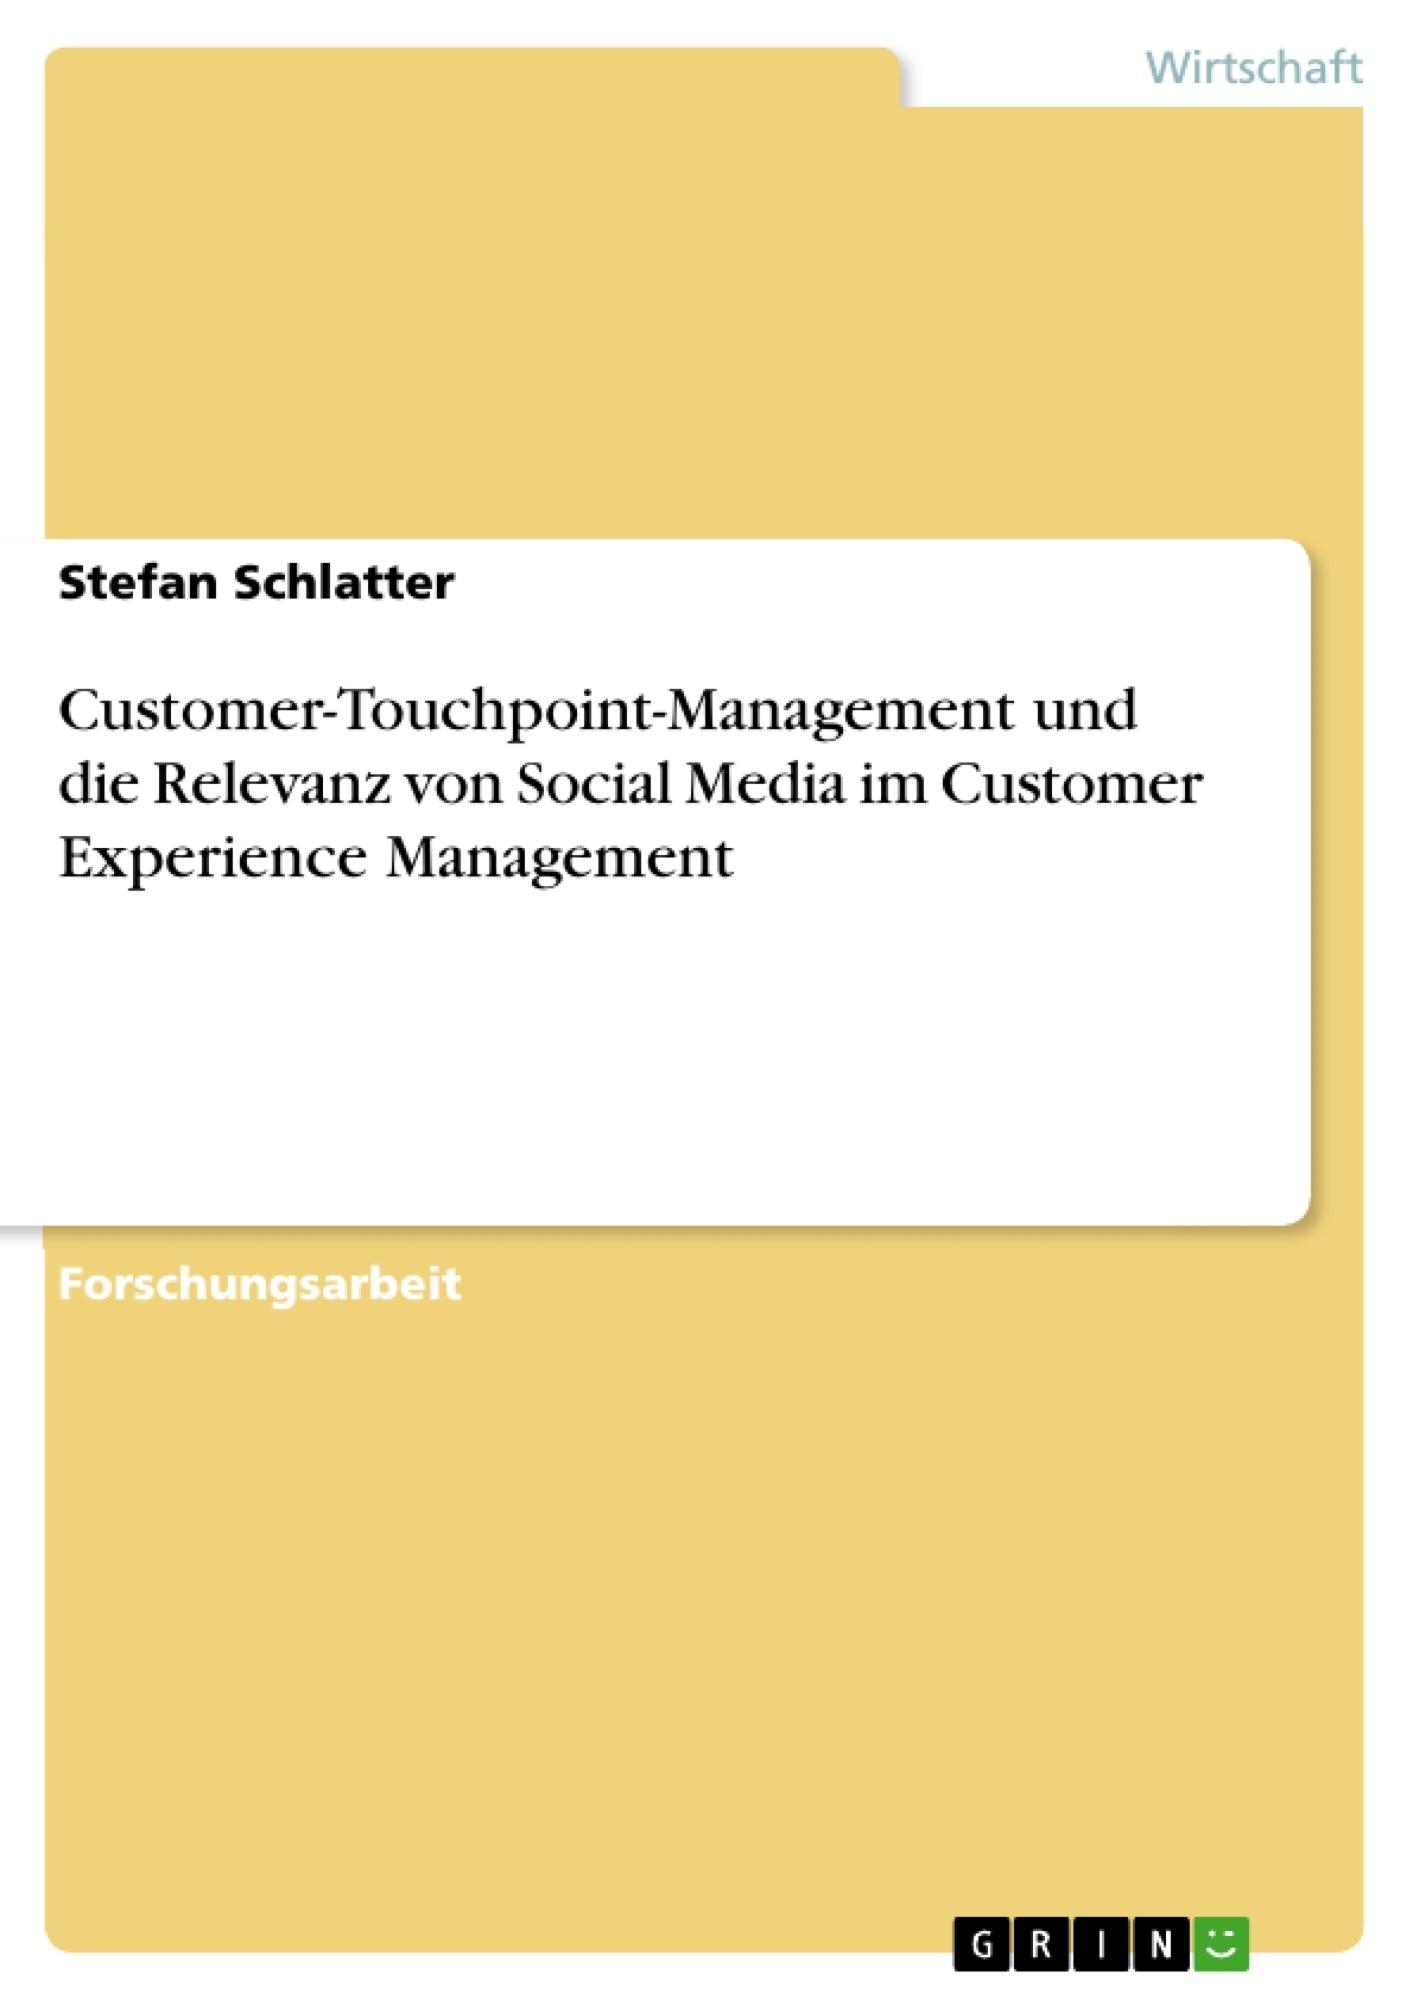 Titel: Customer-Touchpoint-Management und die Relevanz von Social Media im Customer Experience Management